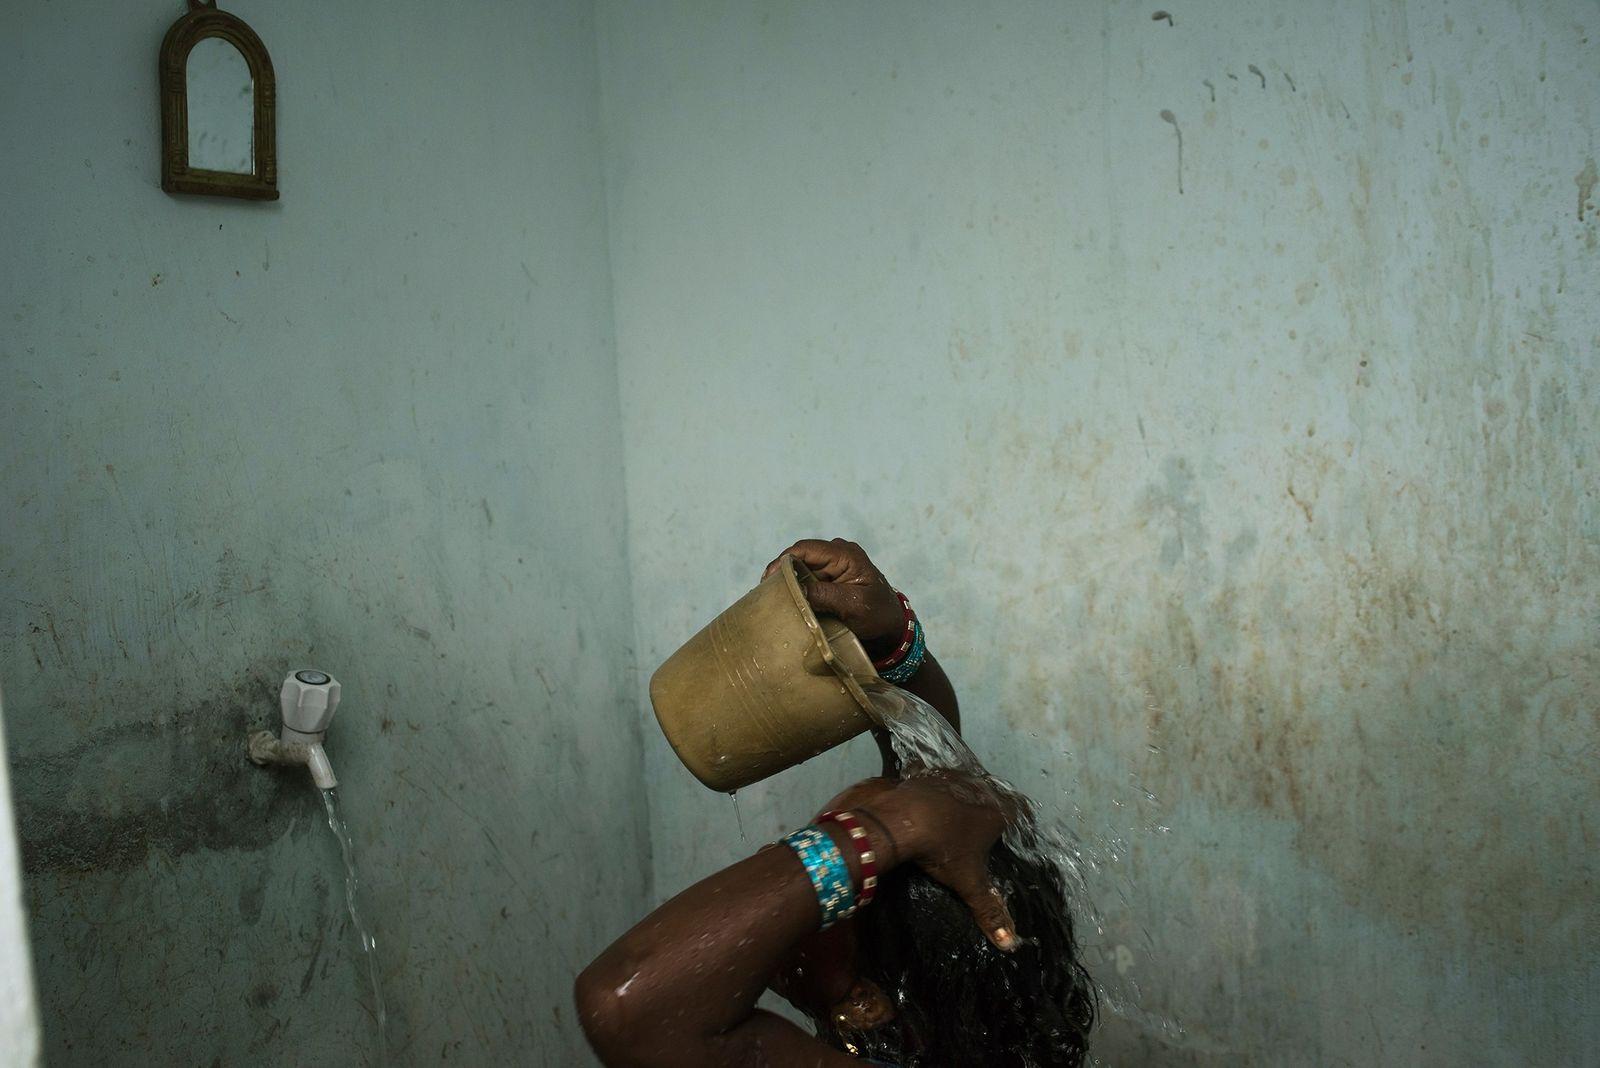 Lavar as mãos ajuda a reduzir propagação do coronavírus, mas, na Índia, a água é escassa